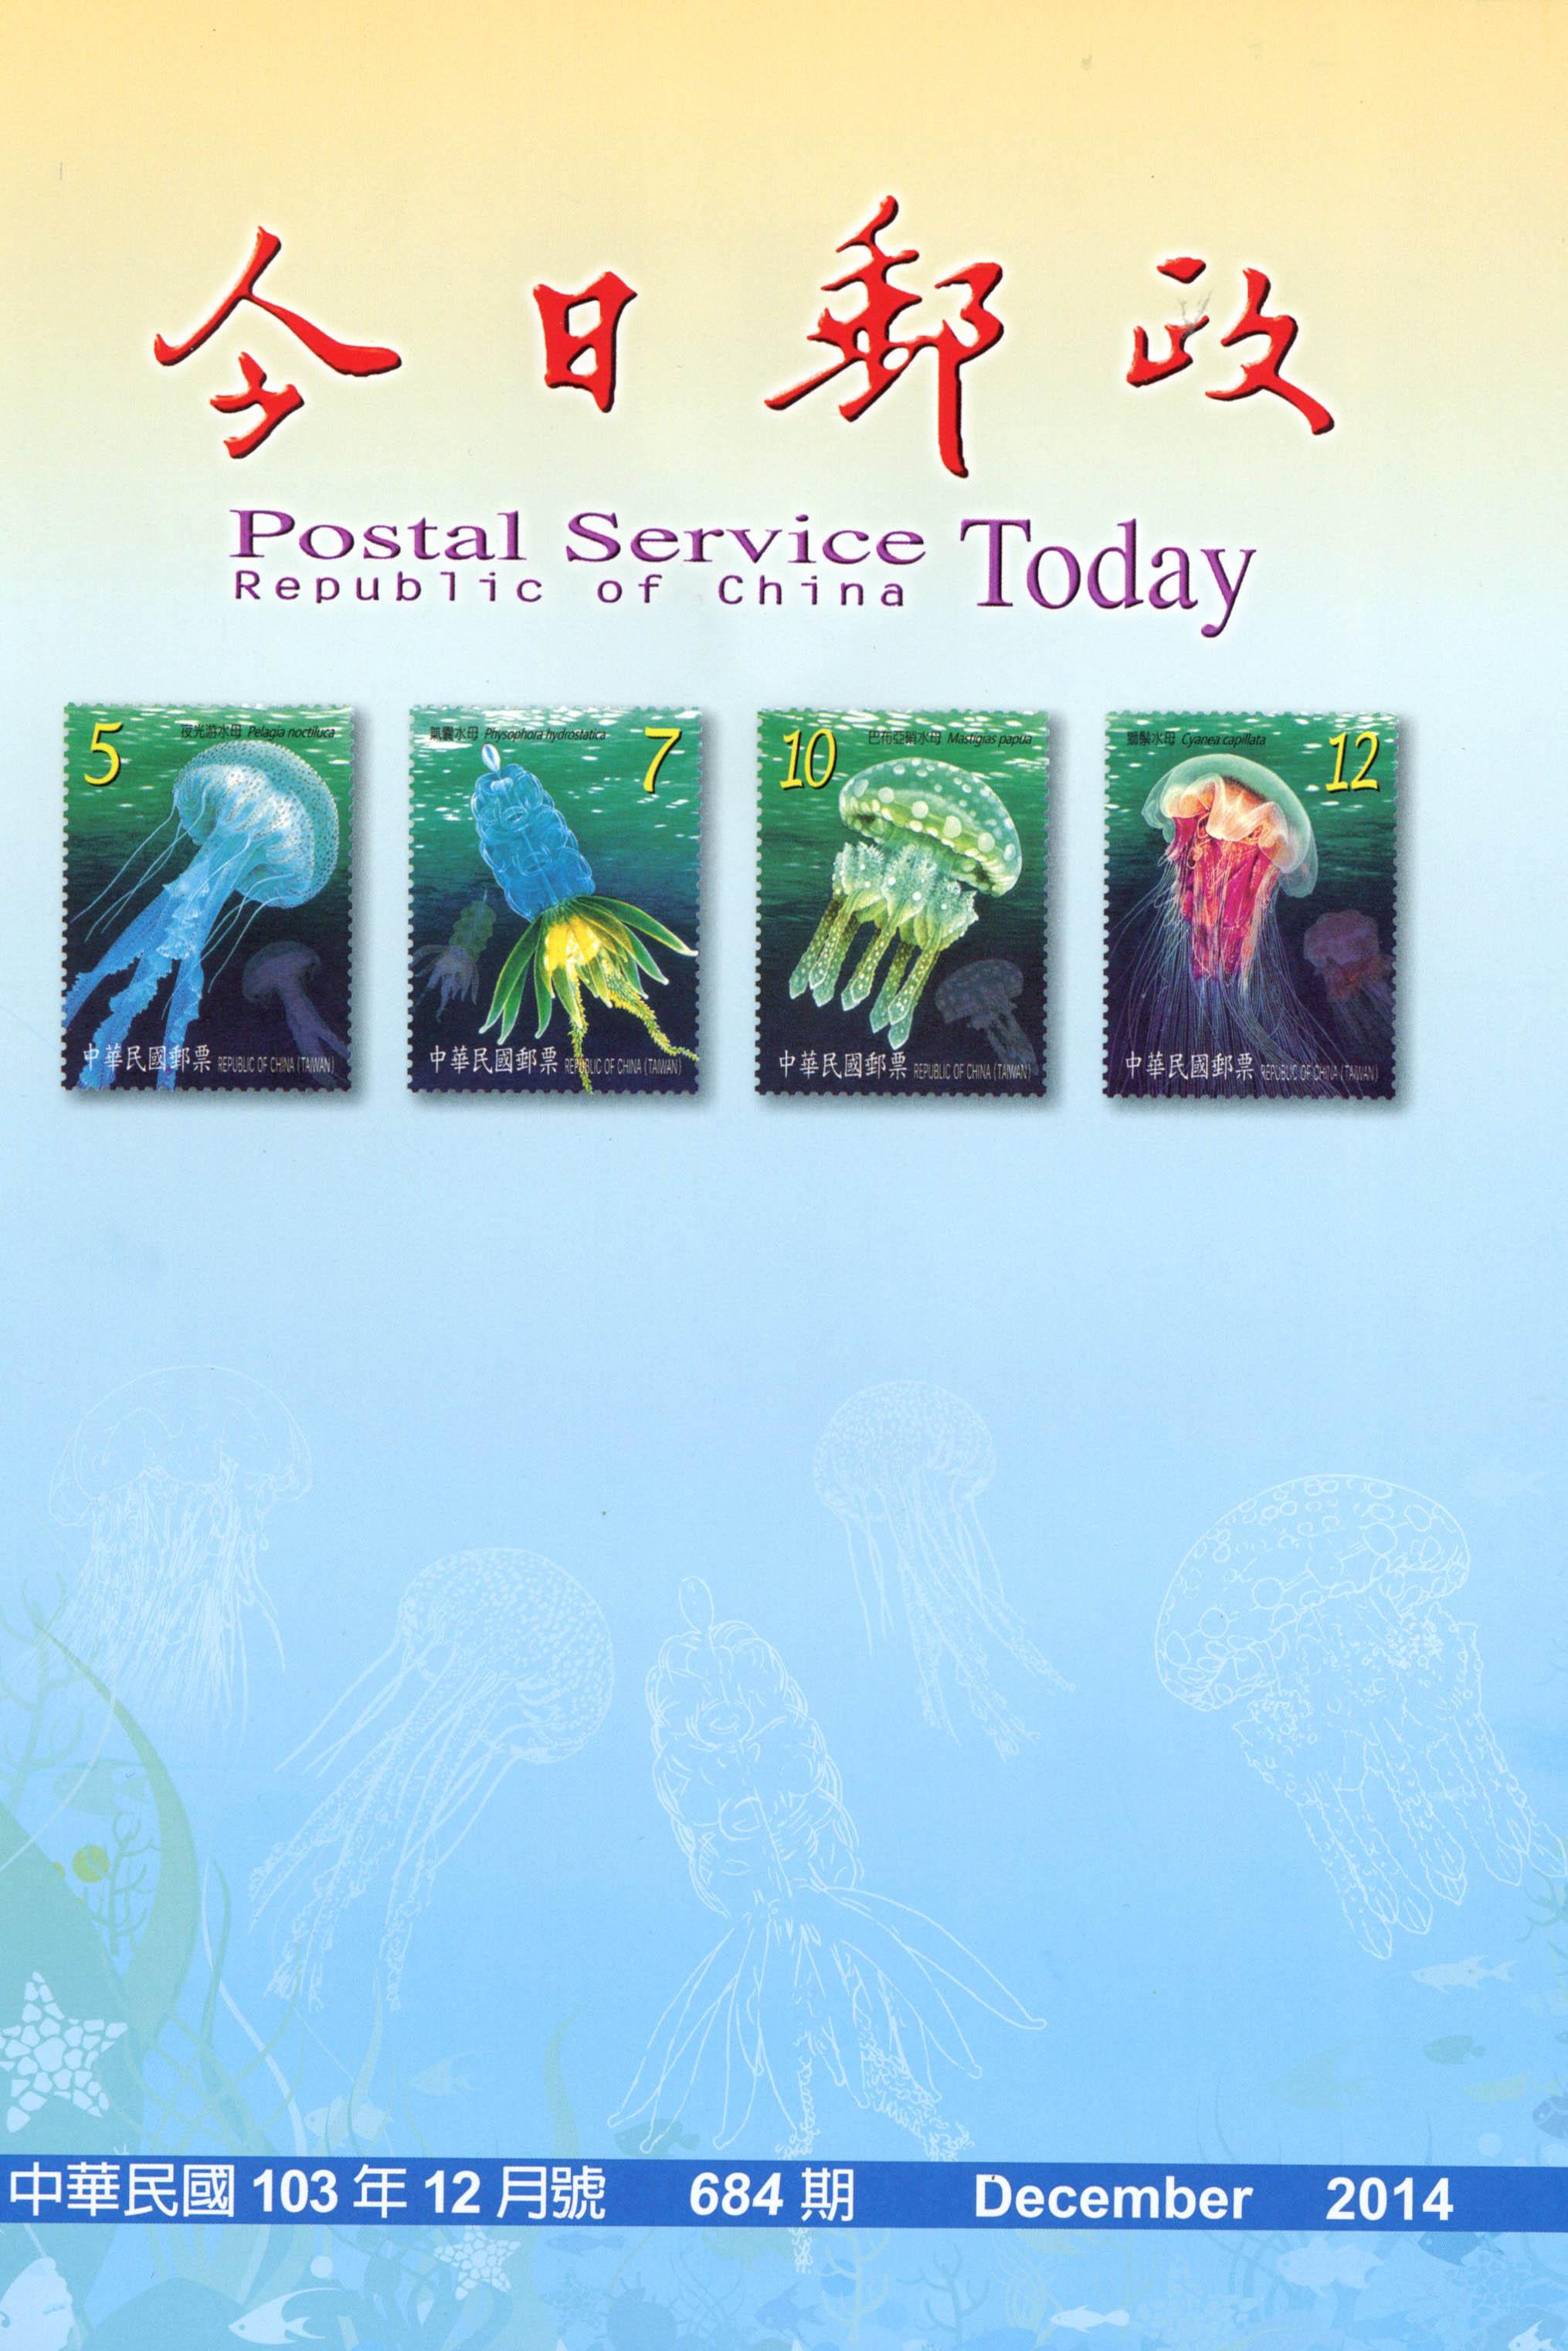 今日郵政第684期(103.12)